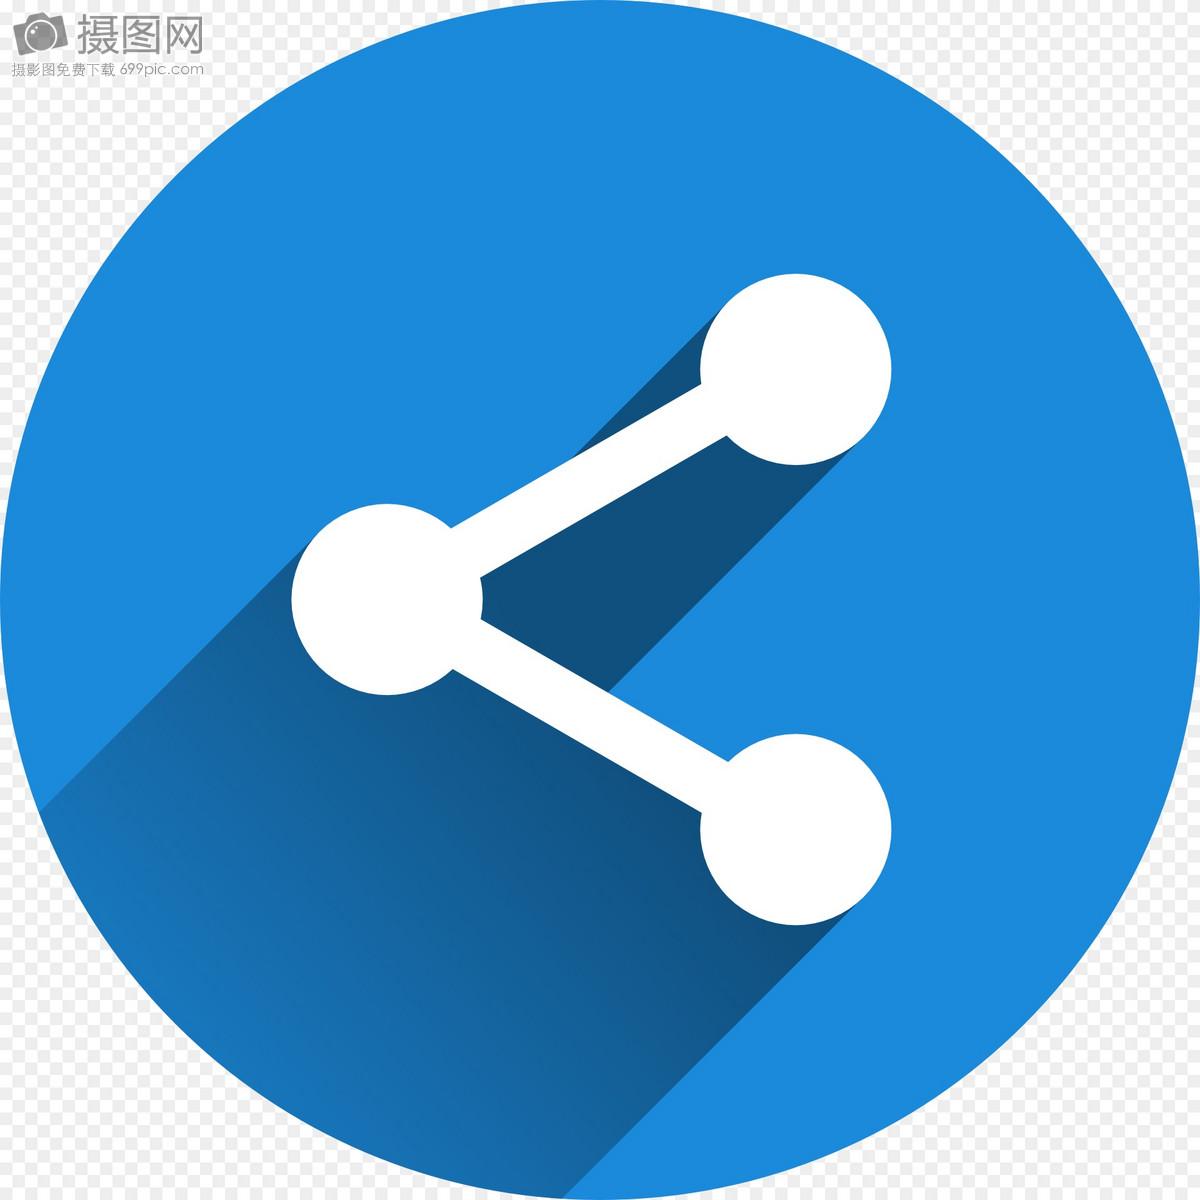 设计模板 元素素材 连接分享图标svg  分享: qq好友 微信朋友圈 qq